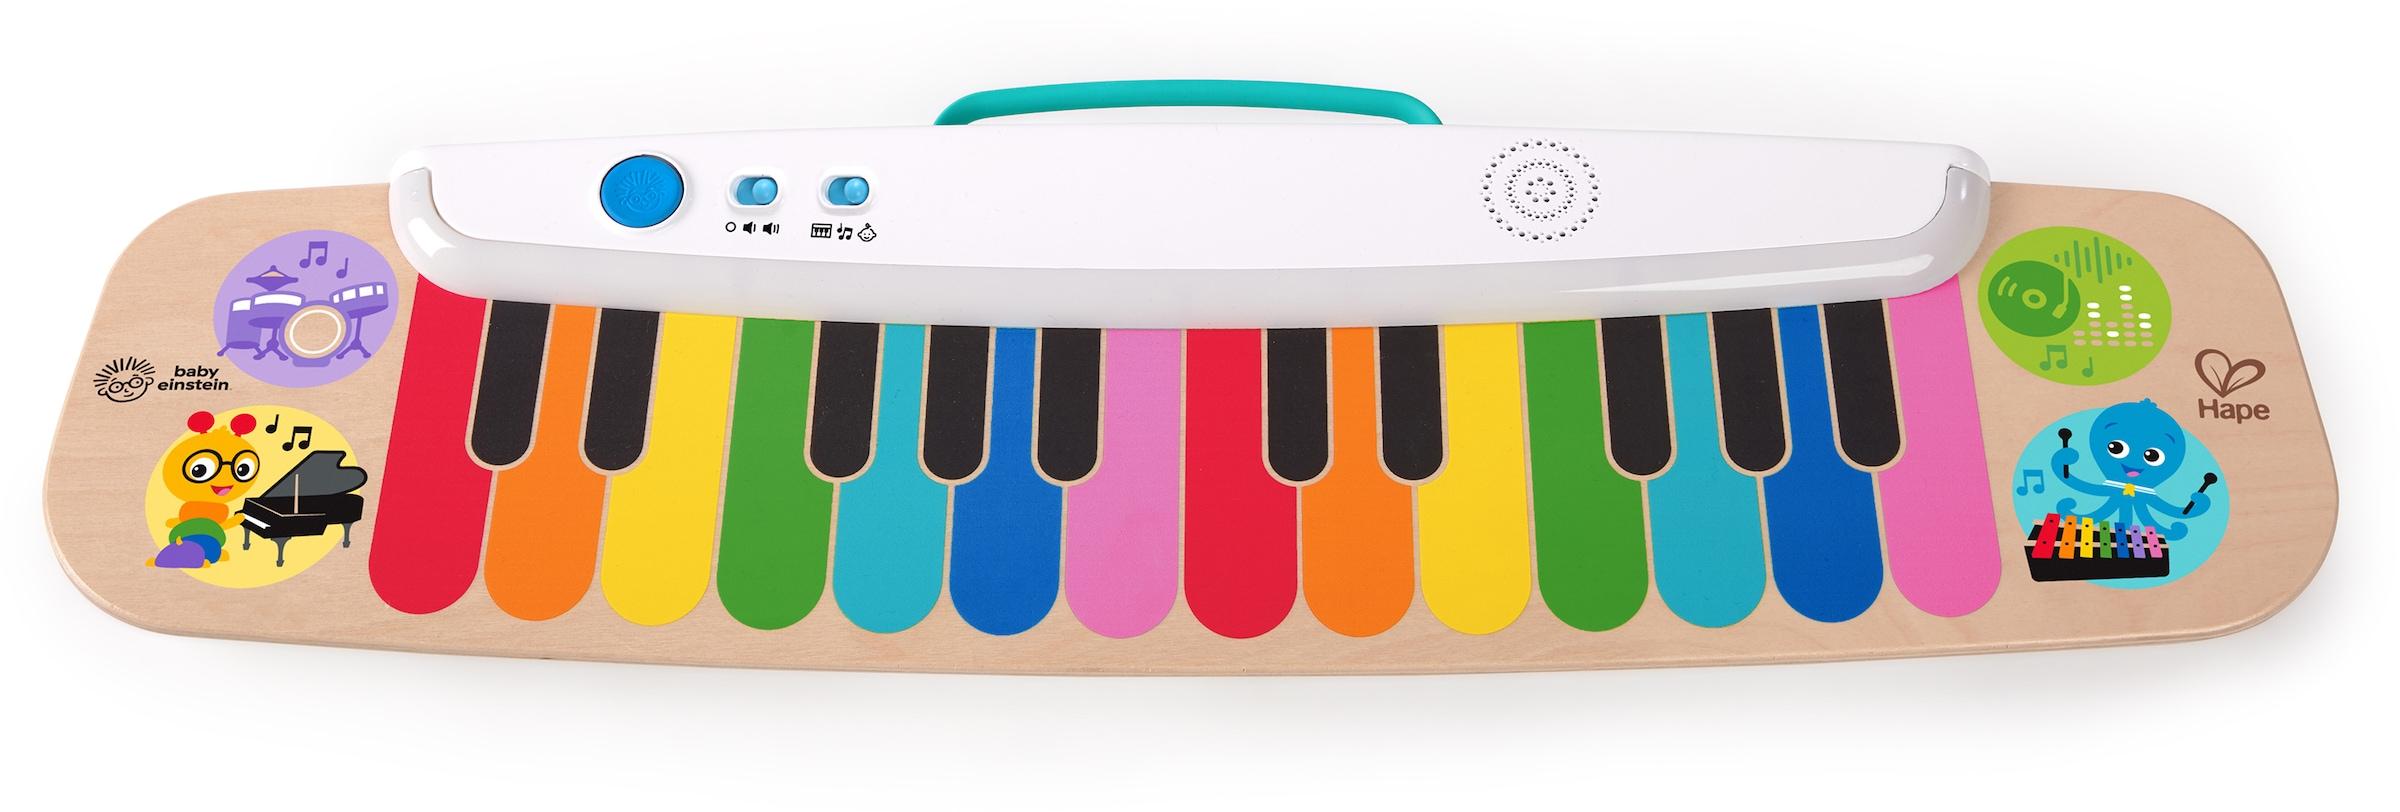 Image of Baby Einstein Spielzeug-Musikinstrument »Magisches Touch Keyboard«, mit Licht & Sound